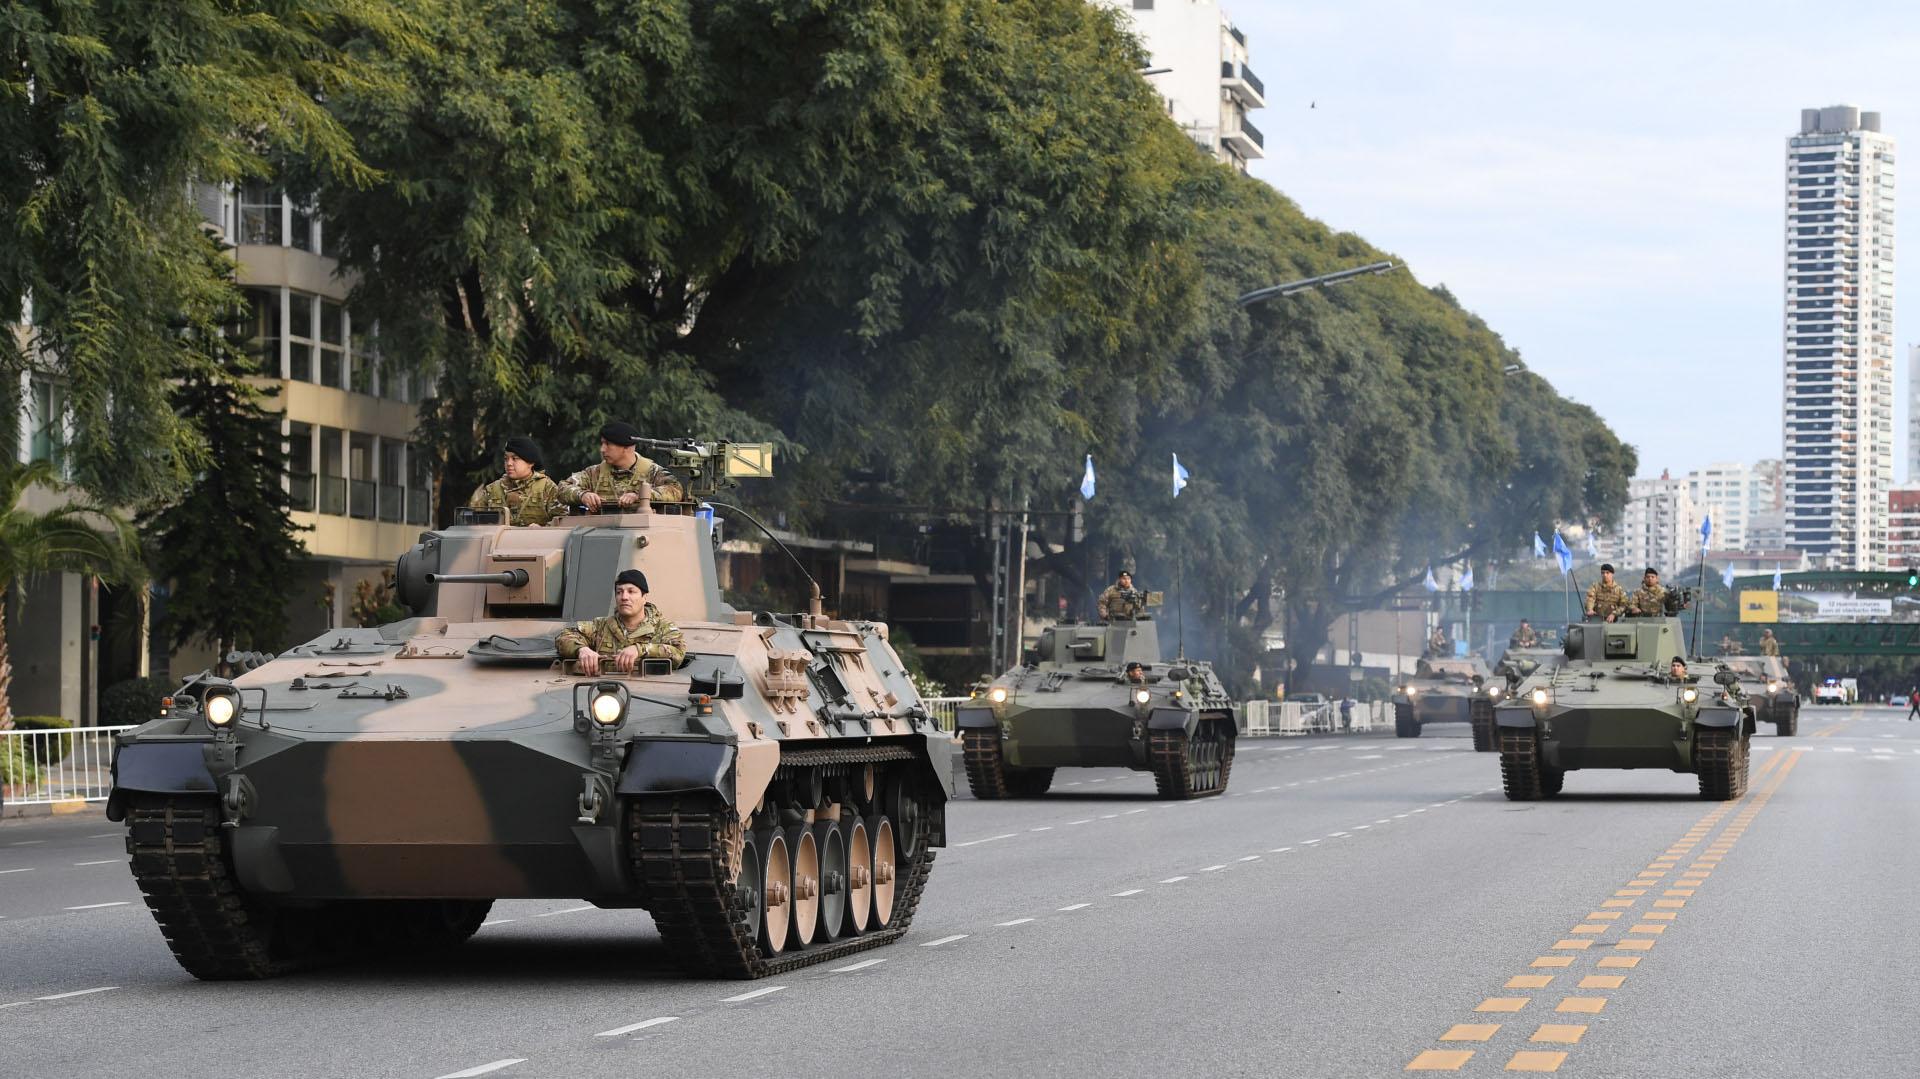 Otro vehículo de transporte de personal M113